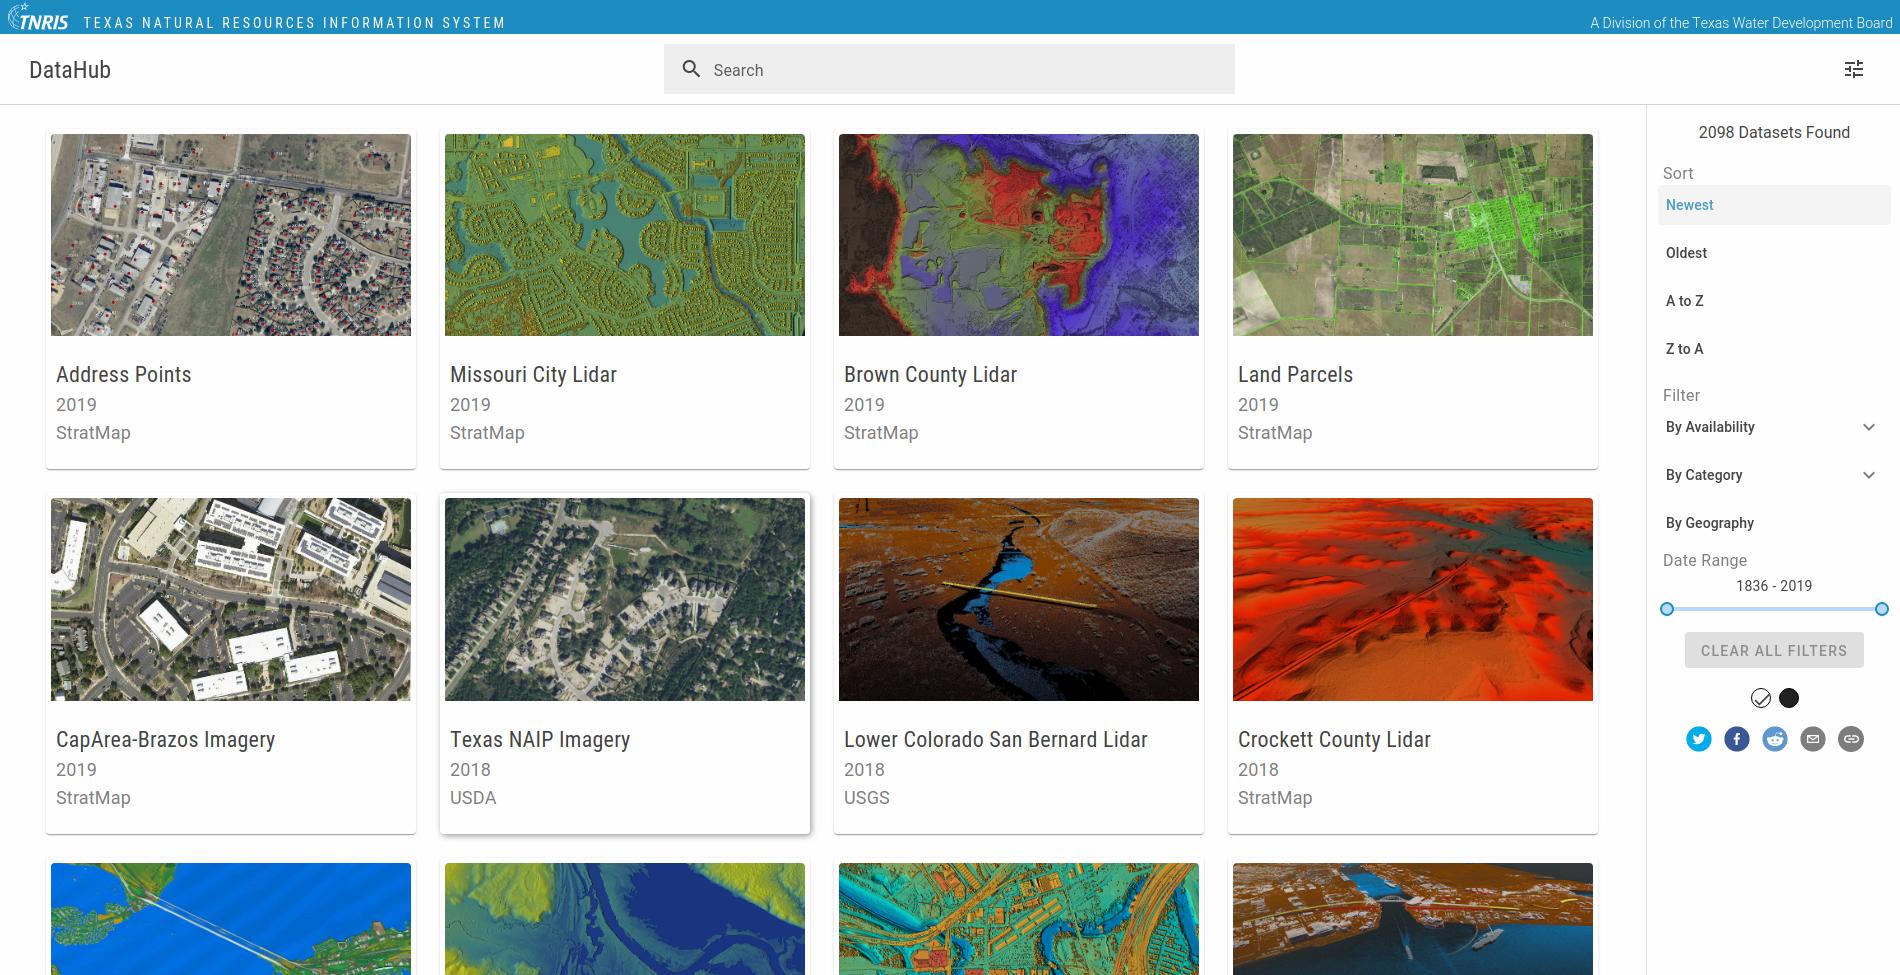 DataHub Screenshot